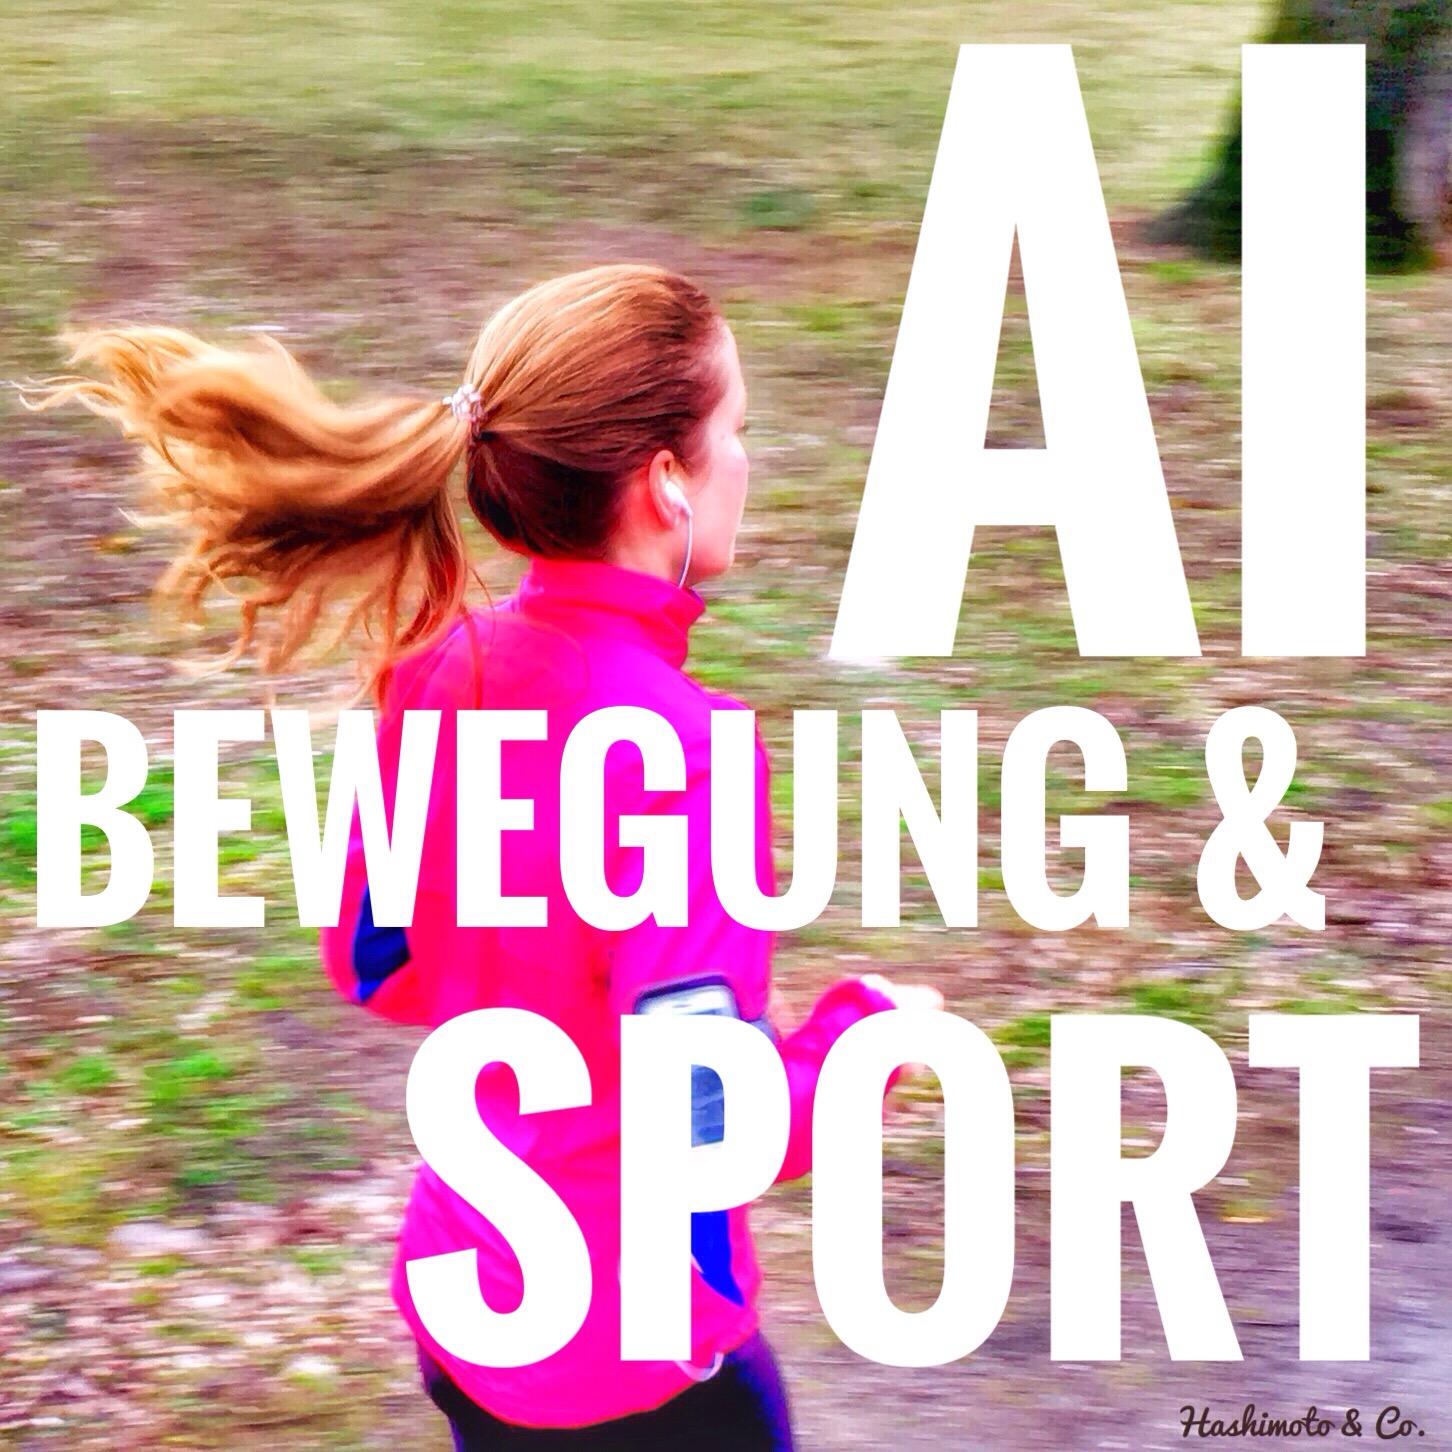 Auch bei Autoimmunerkrankungen sind Bewegung & Sport wichtige Komponenten eines gesunden Lifestyle. Auf die richtige Dosis kommt es an! Spass statt Stress.